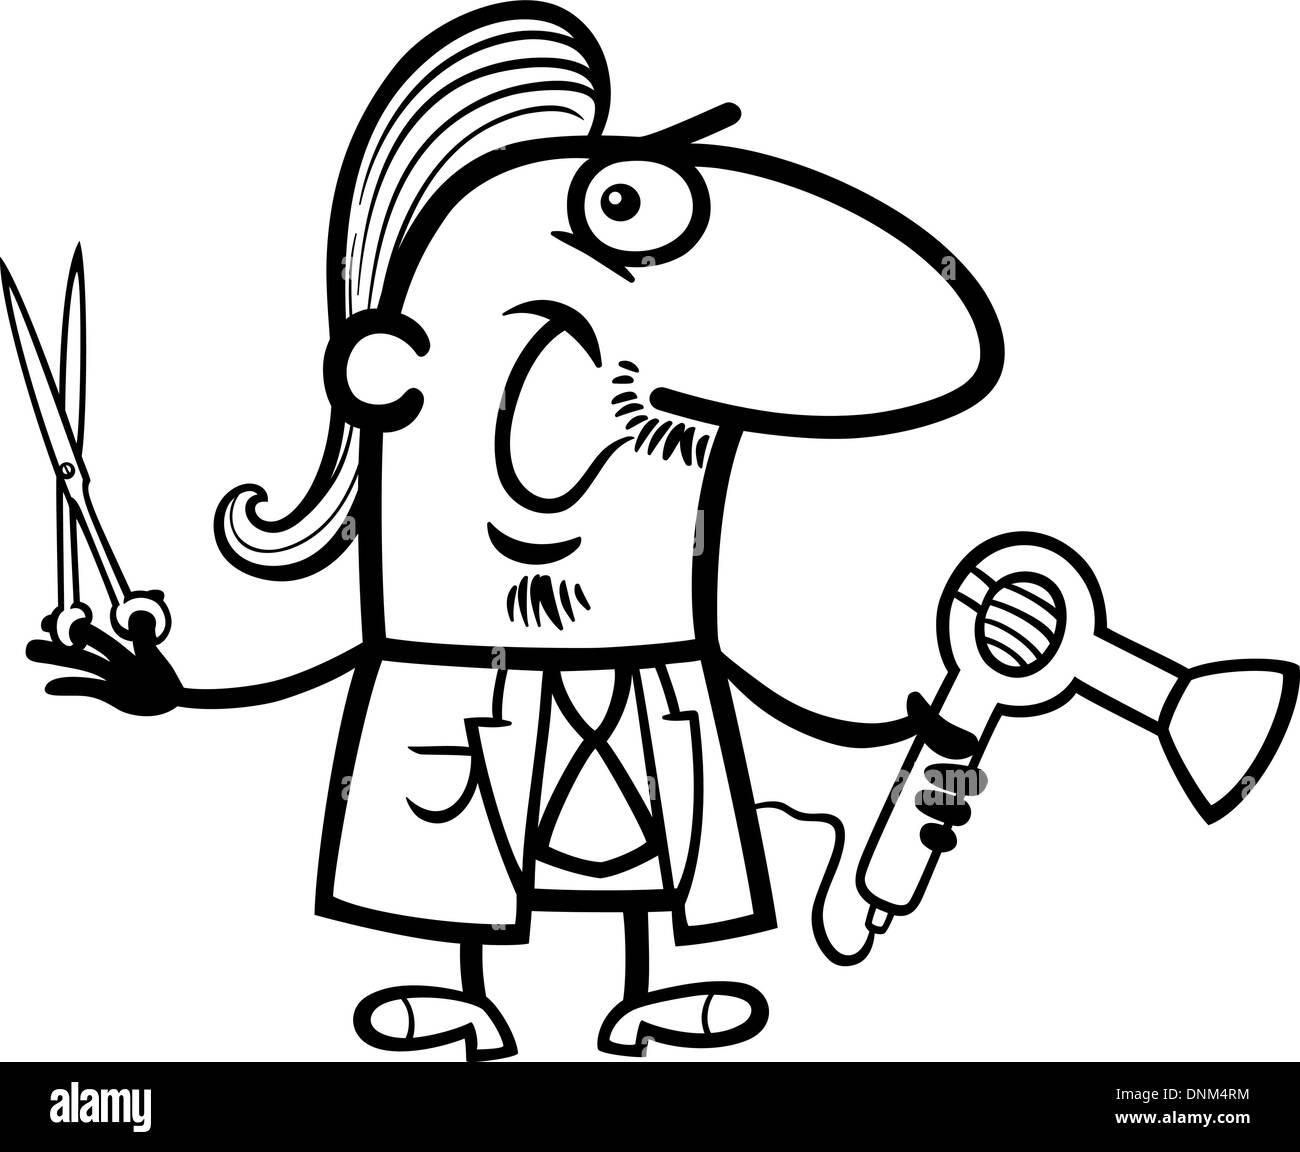 Schwarz Weiss Cartoon Illustration Der Lustige Friseurin Oder